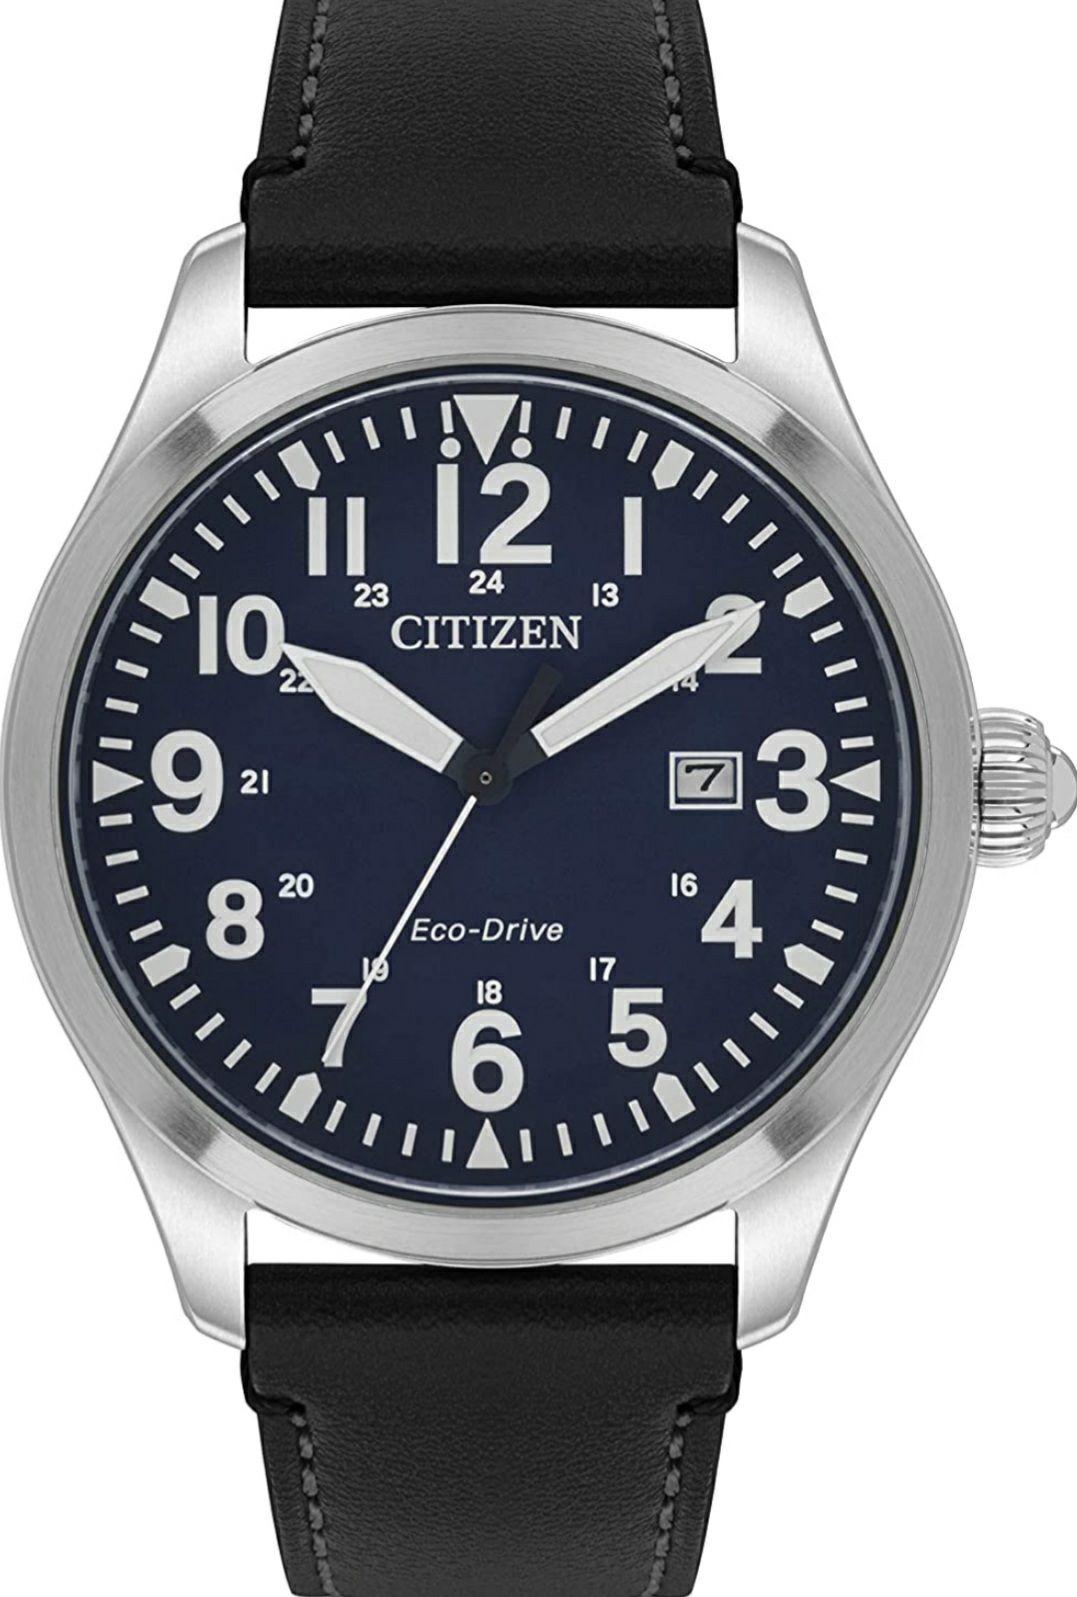 Reloj Citizen Eco-Drive (Envío e impuestos incluidos)